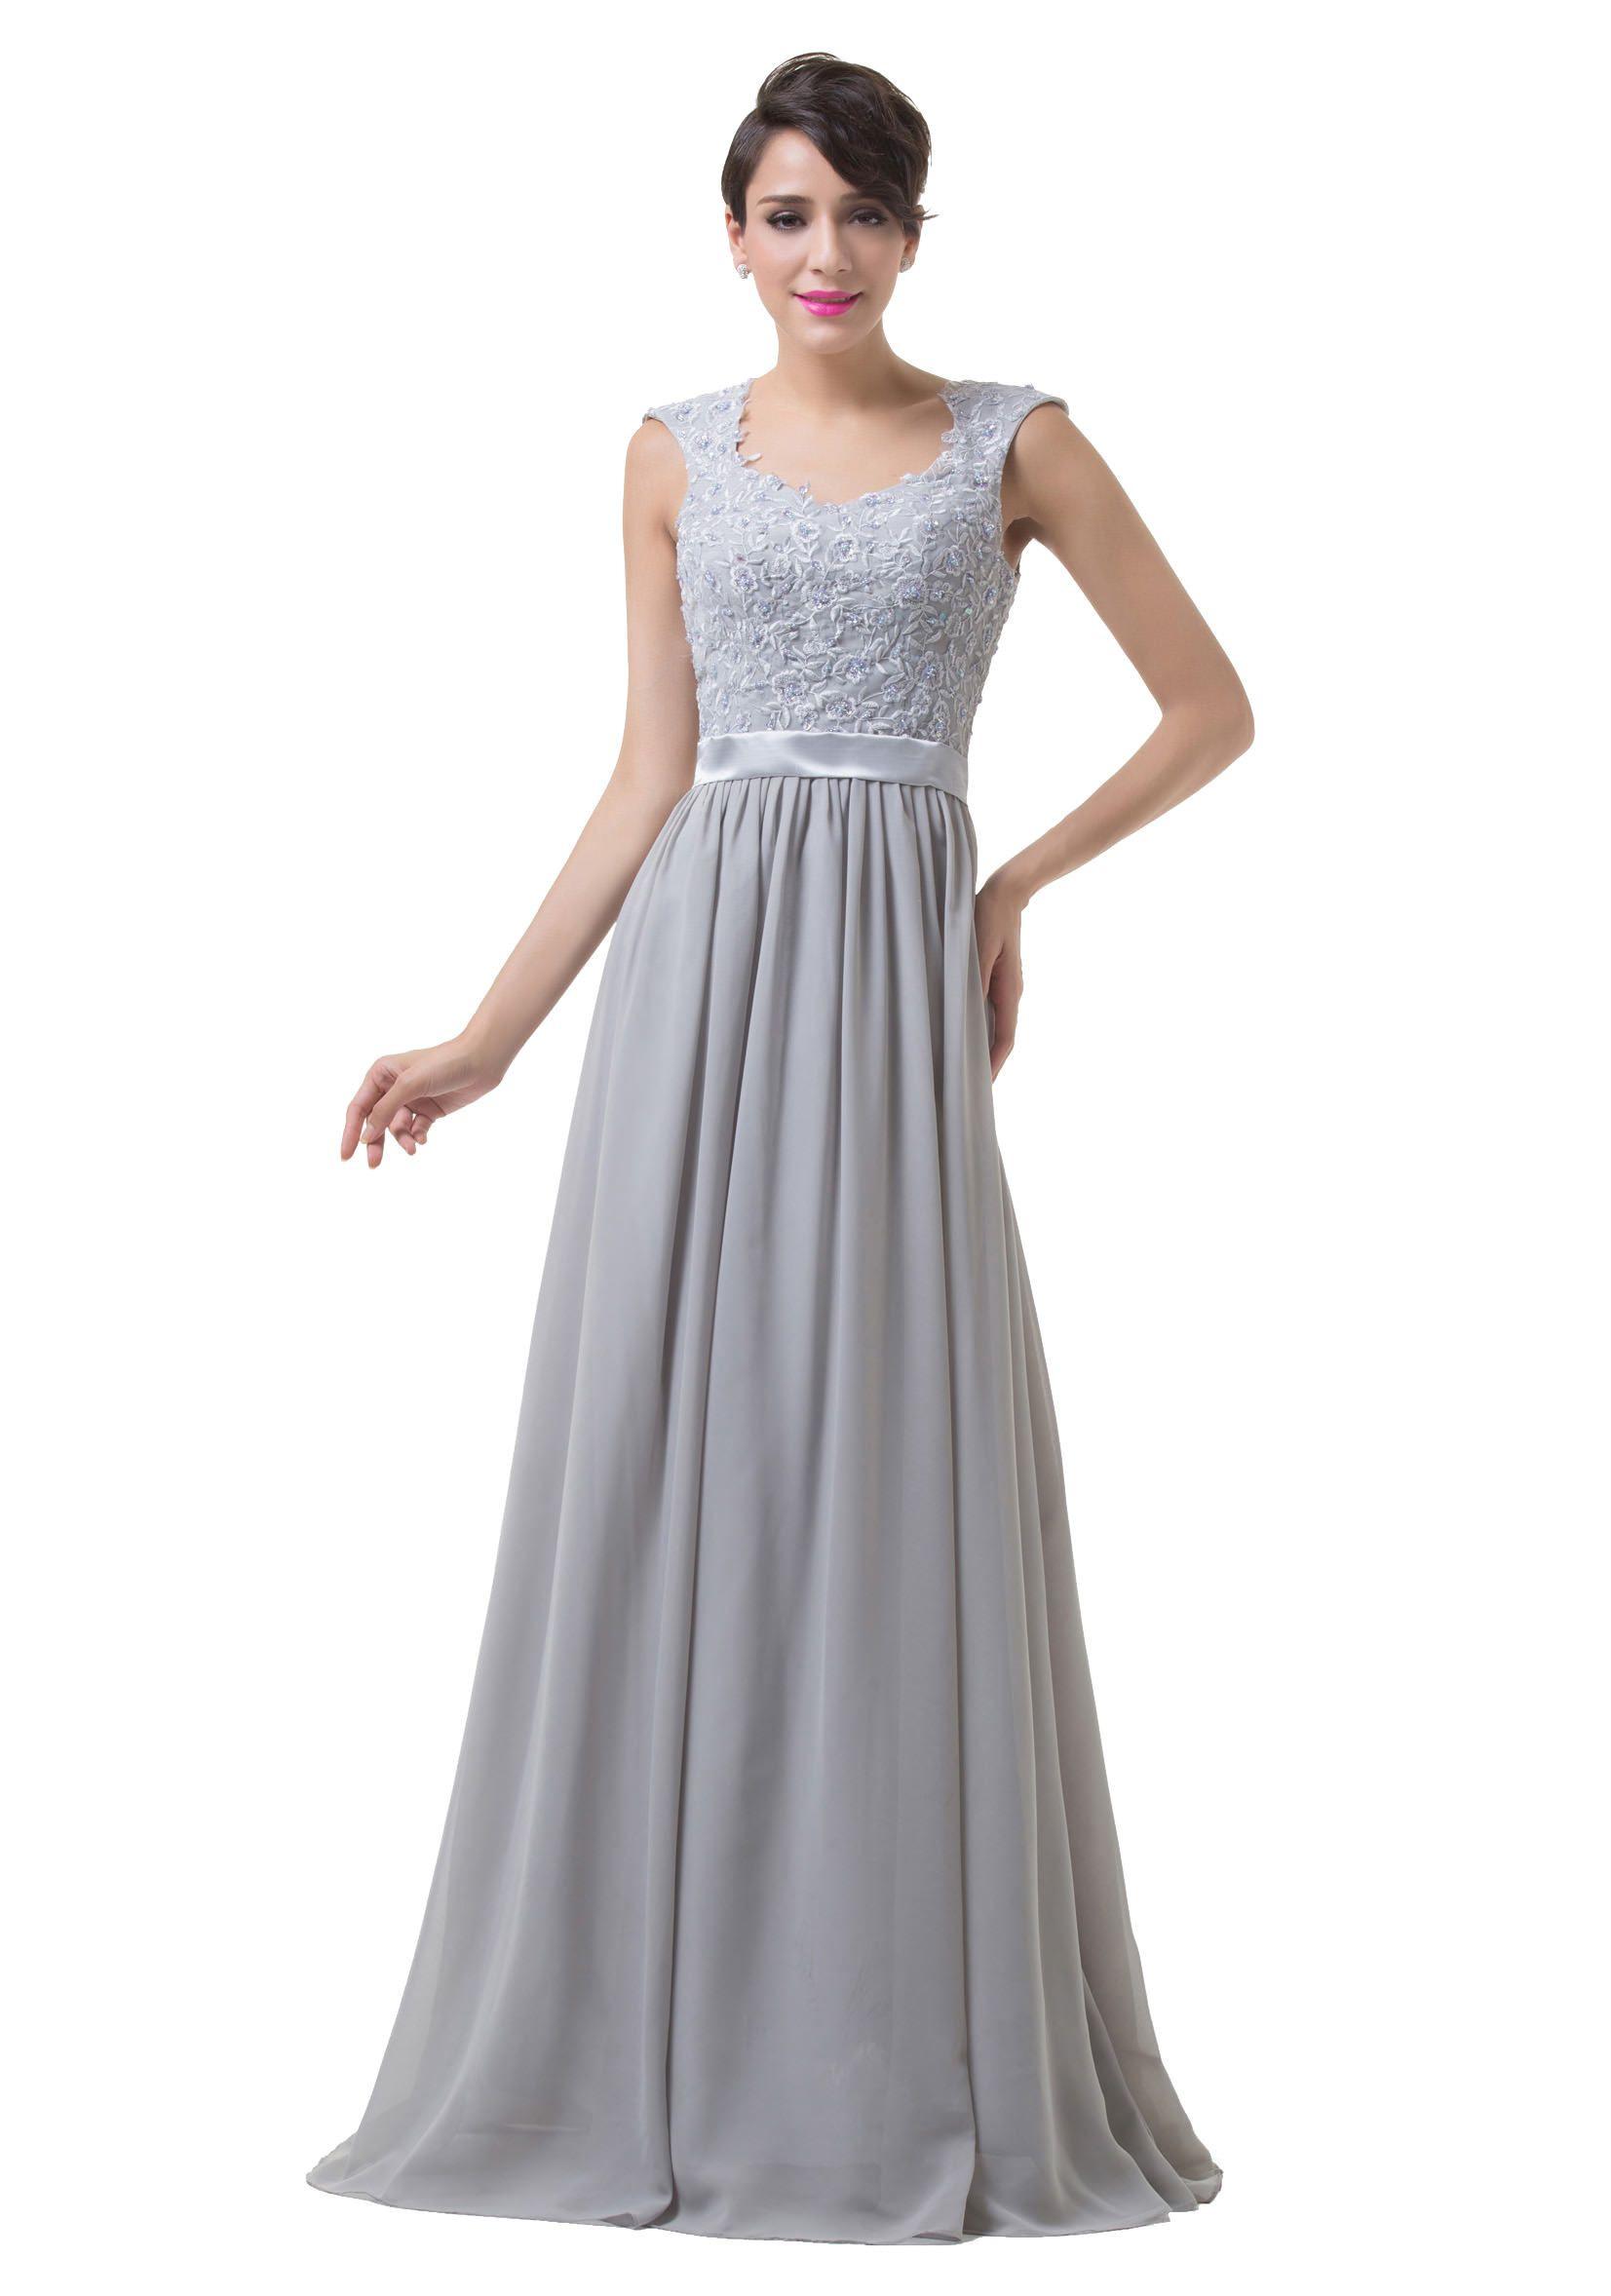 15 Cool Abend Kleid Grau für 201917 Schön Abend Kleid Grau Bester Preis